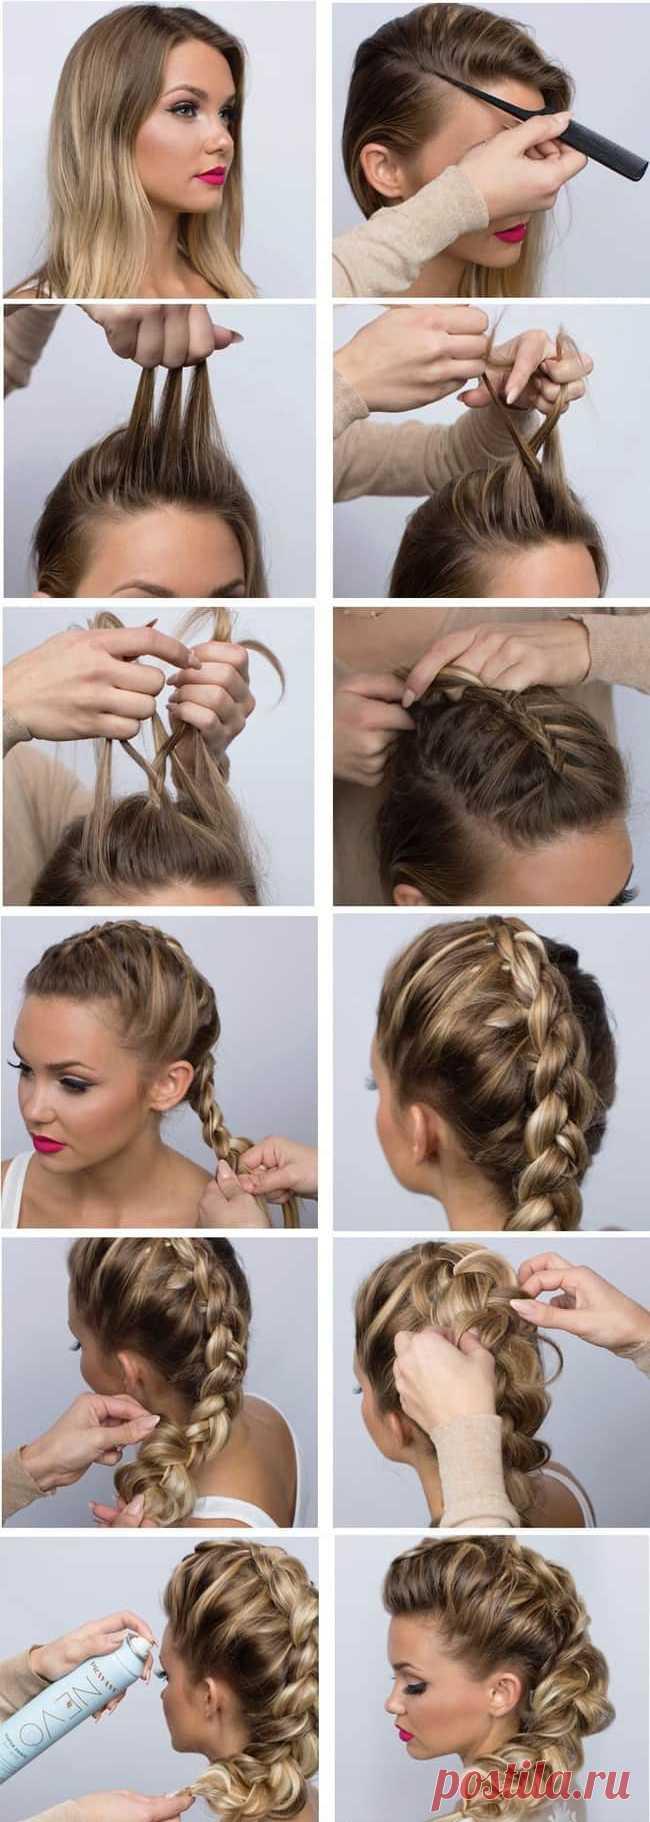 этом исключаются плетение кос фото пошагово на средние волосы новые лоты разделе